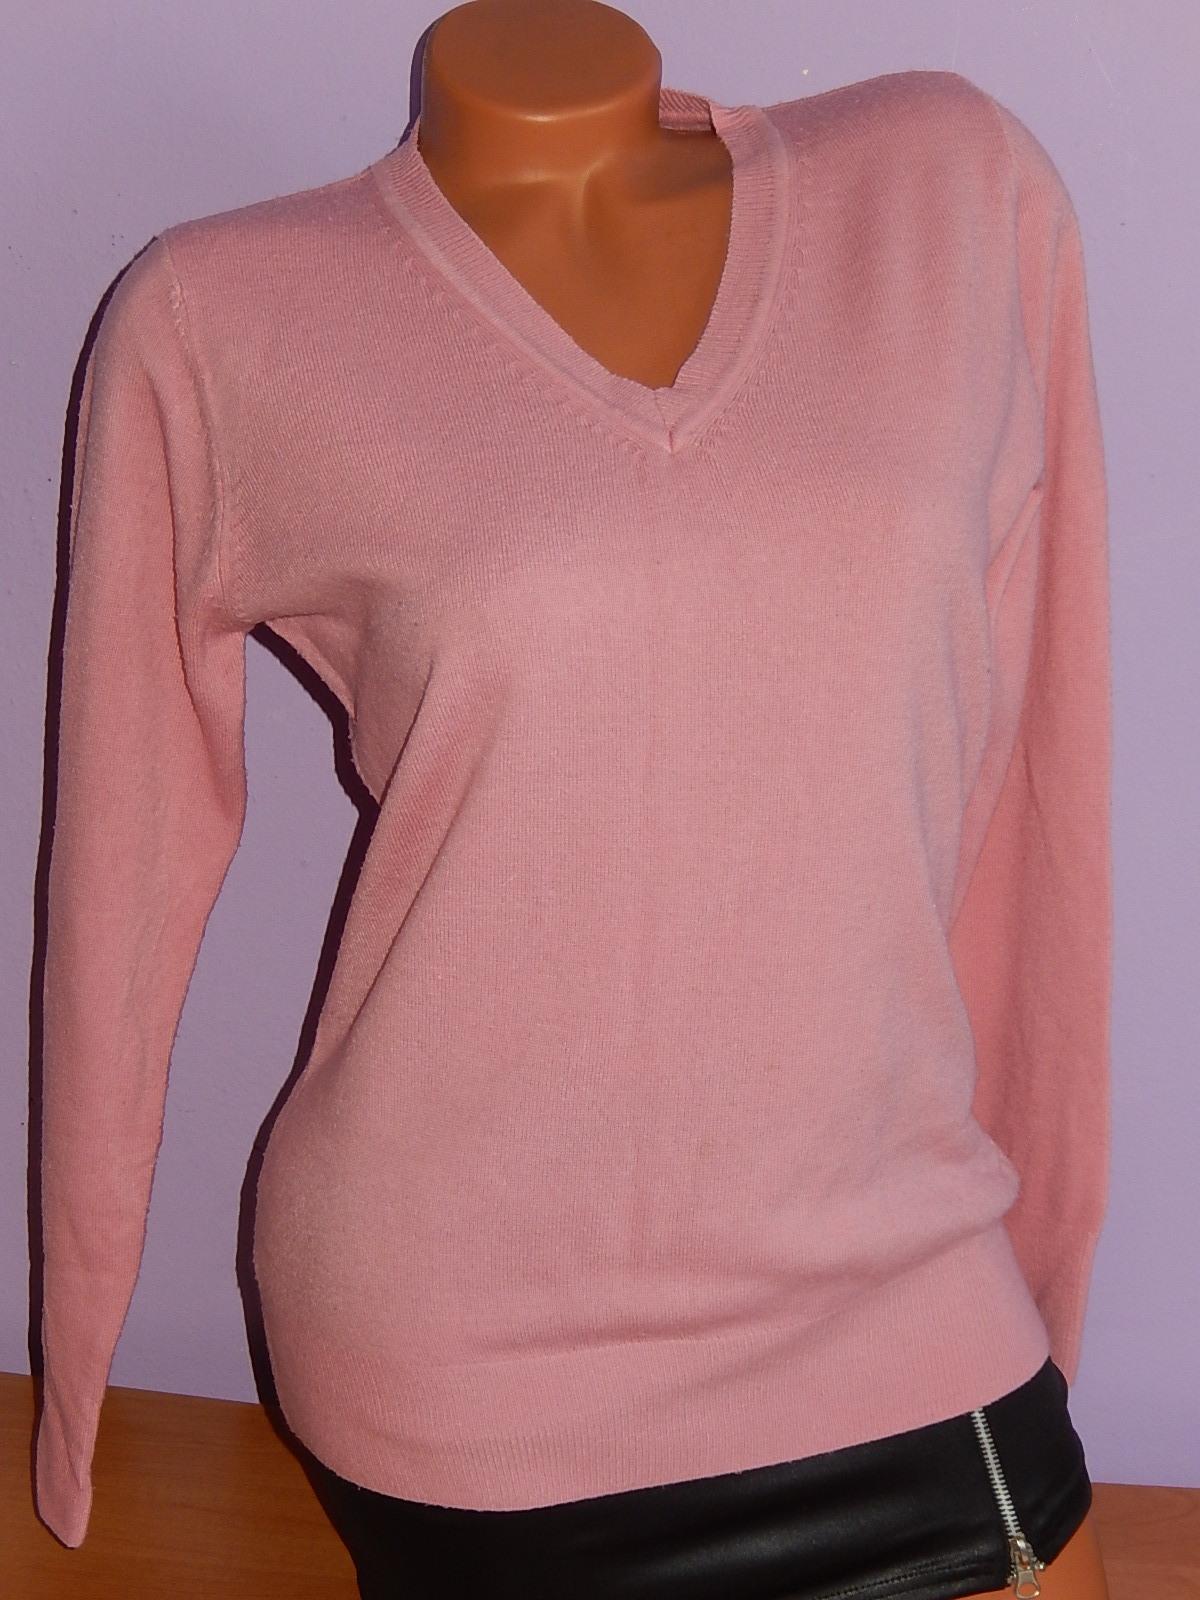 d798456fac0 Dámský růžový svetr vel. L